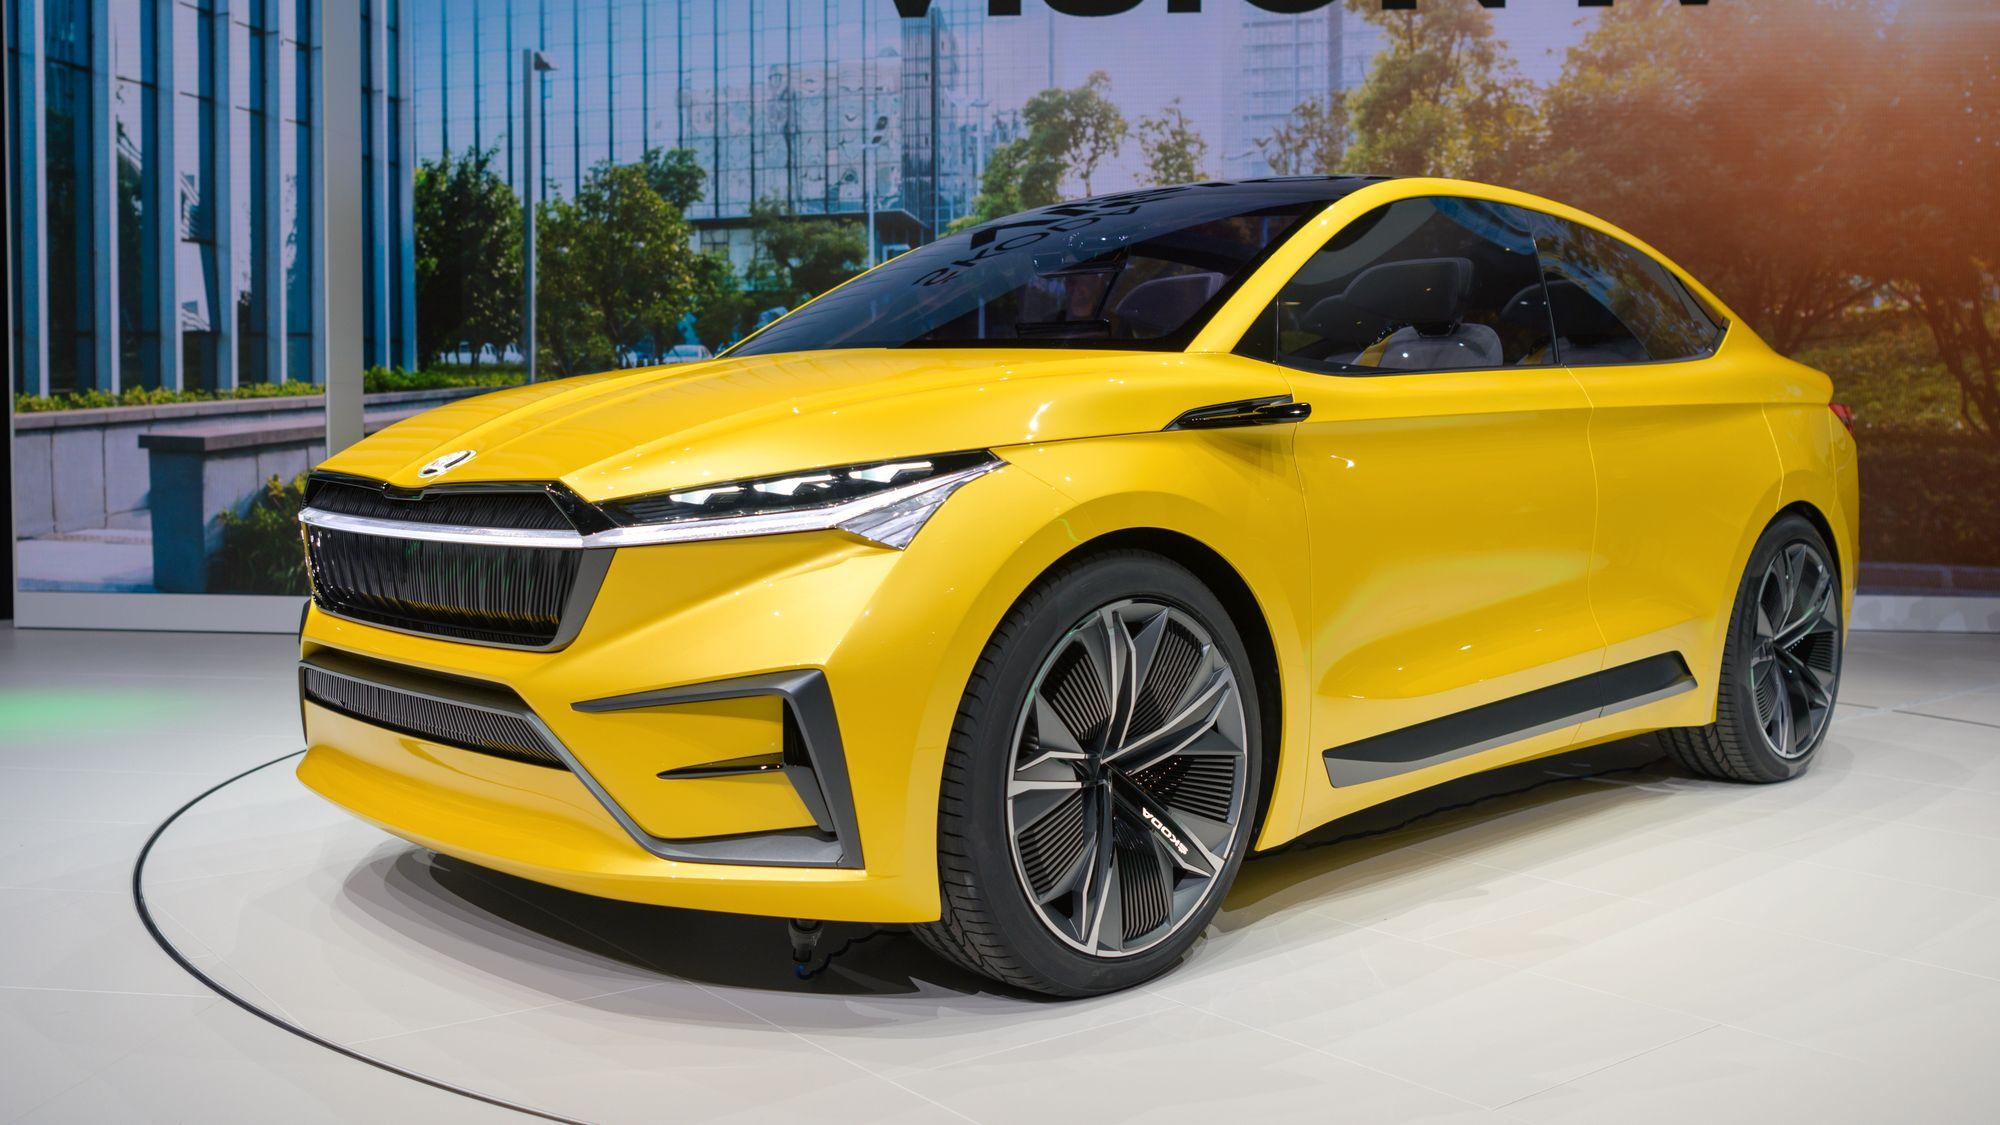 Slik så Vision iV ut i 2017. En SUV-variant kom først for salg, før coupe-utgaven av det som ble hetende Enyaq iV kommer nå.